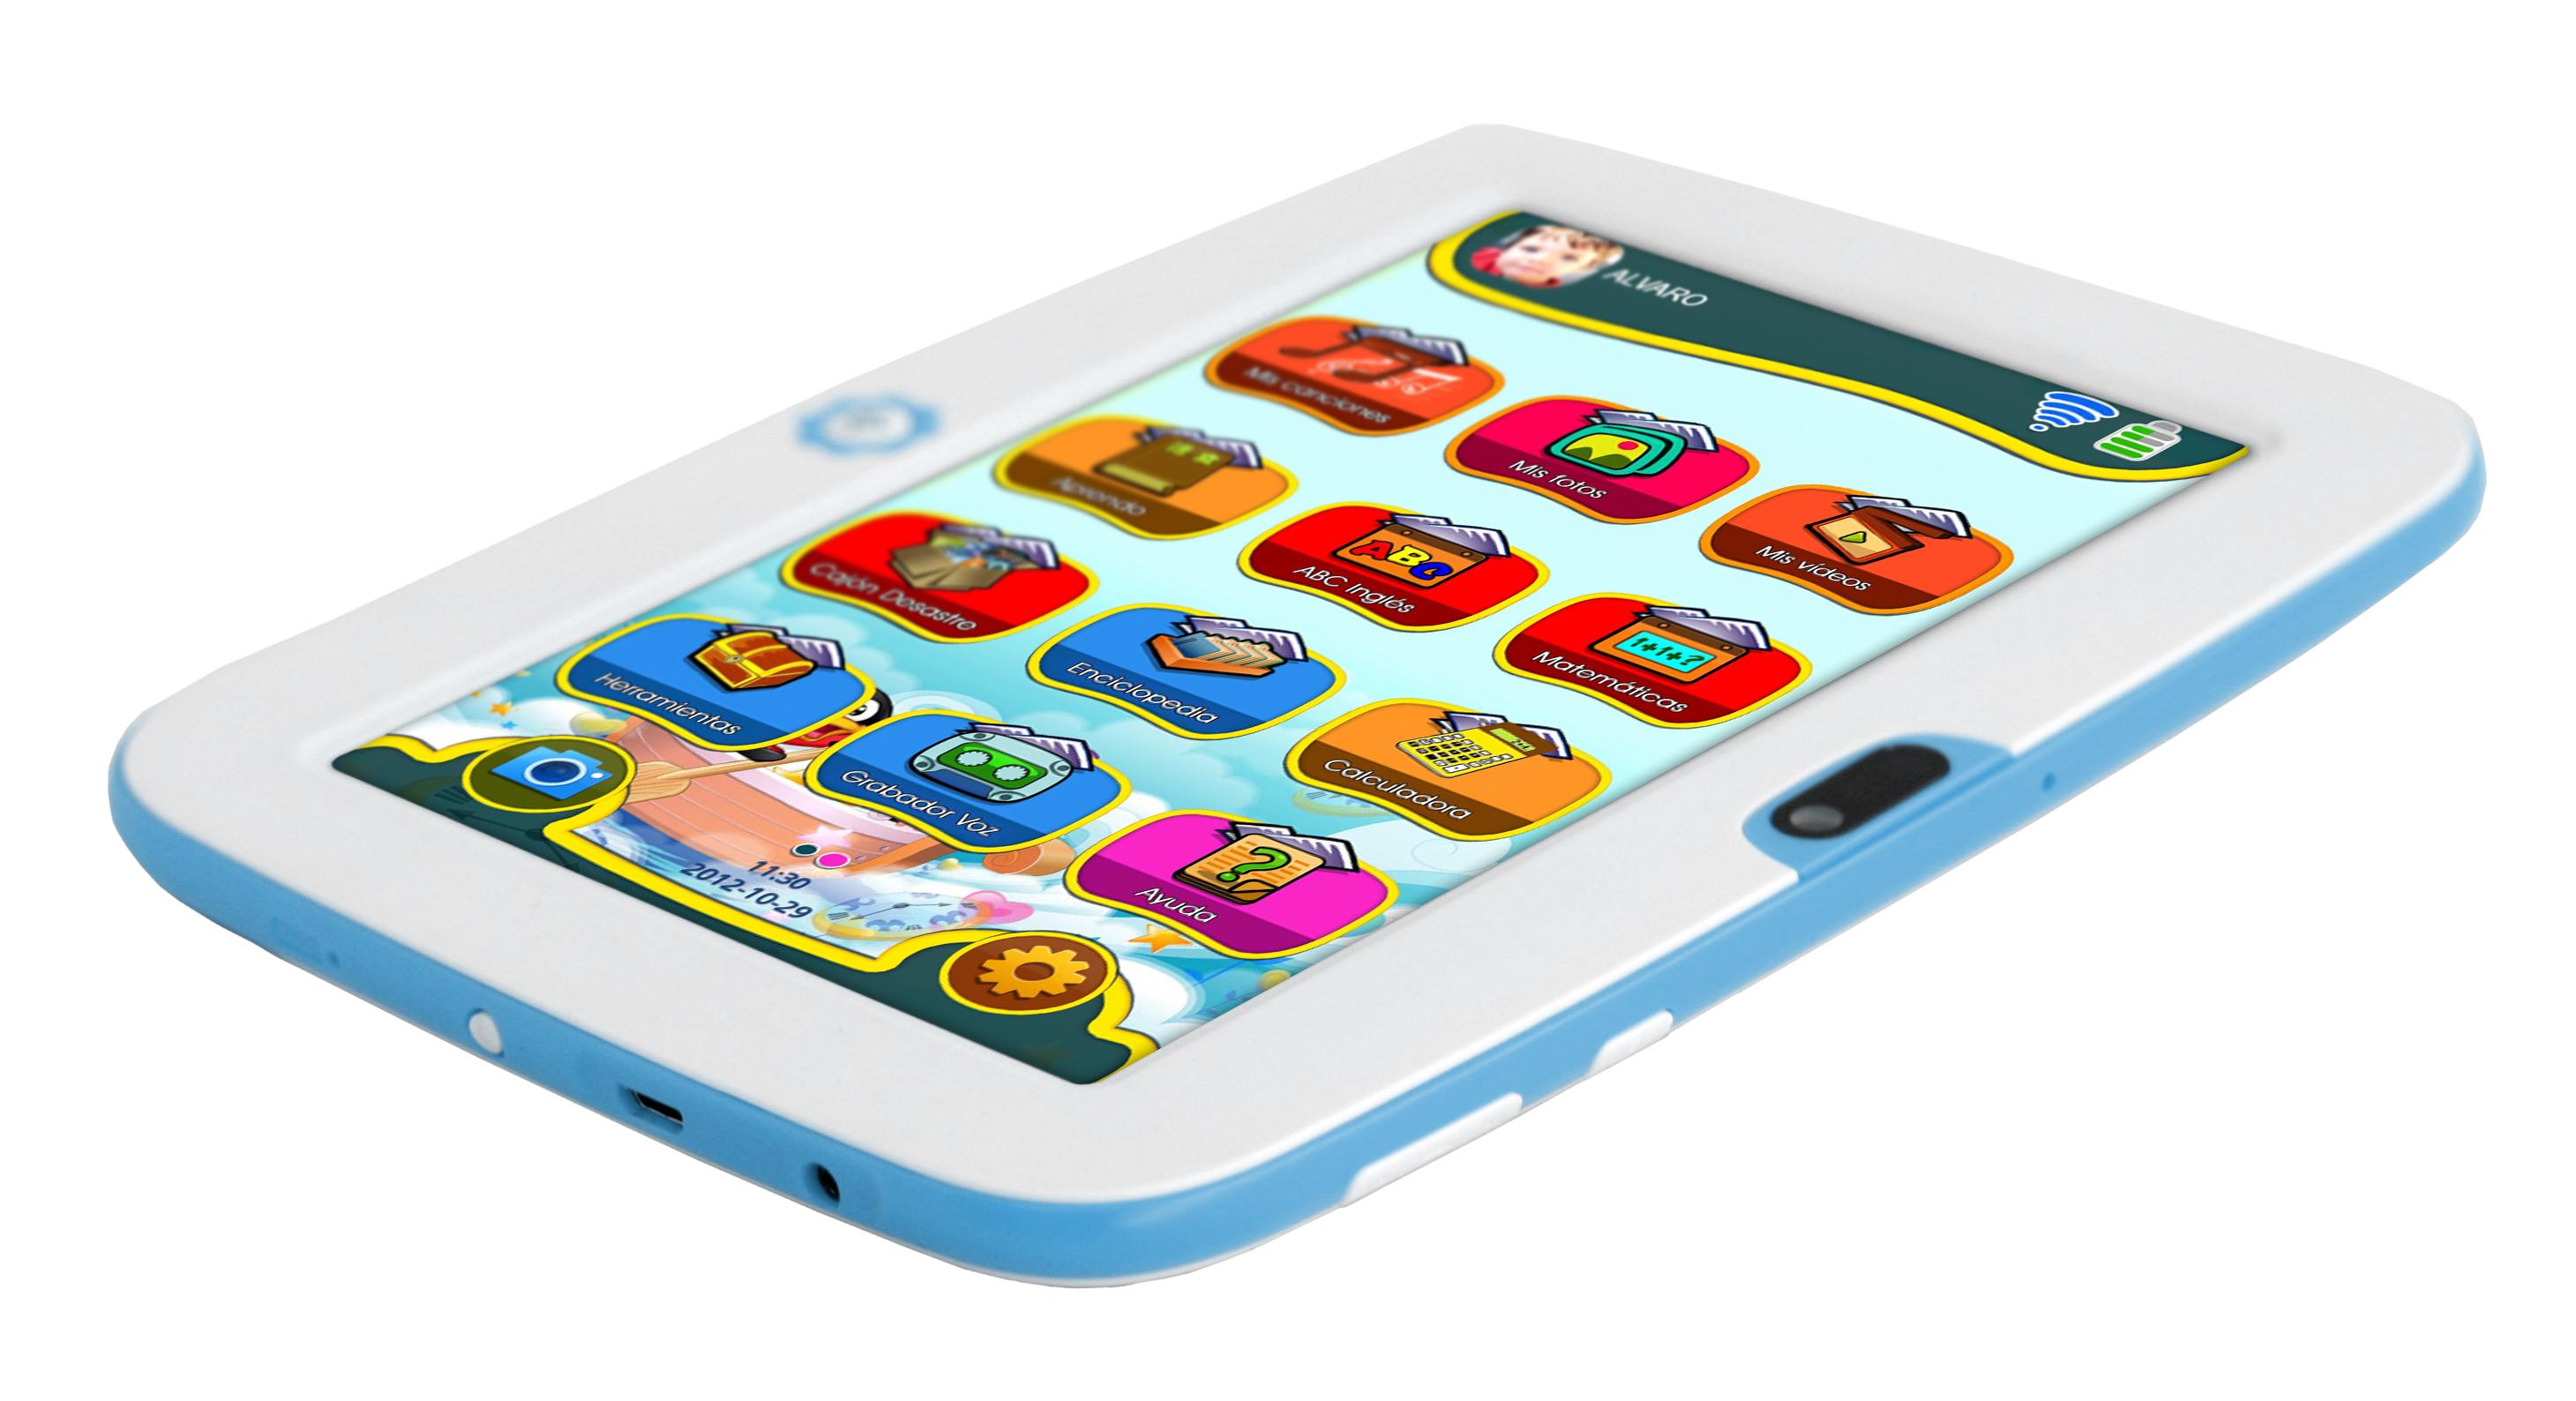 Infantiles, preadolescentes, adolescentes… ¿cuál es el mejor tablet para su vuelta al cole?